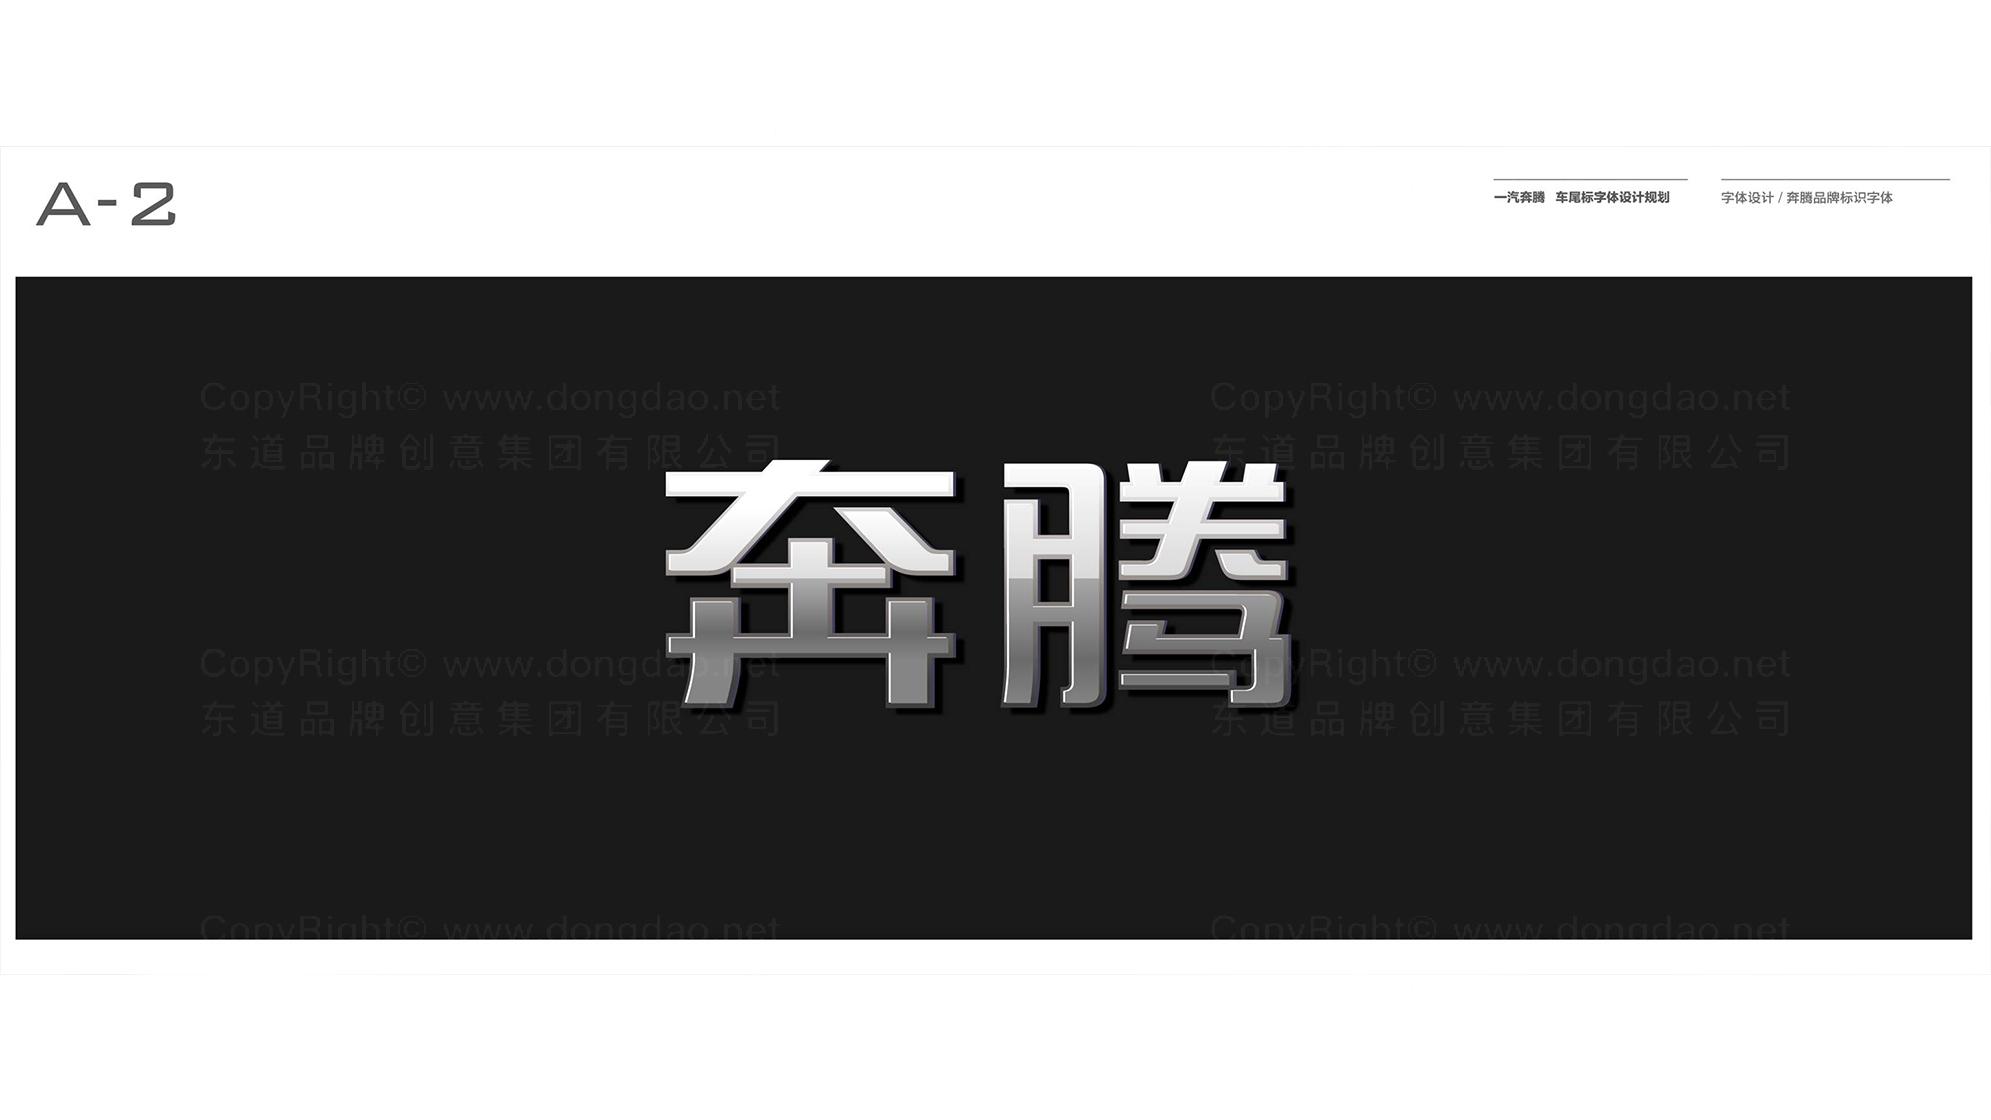 汽车logo设计应用场景_4